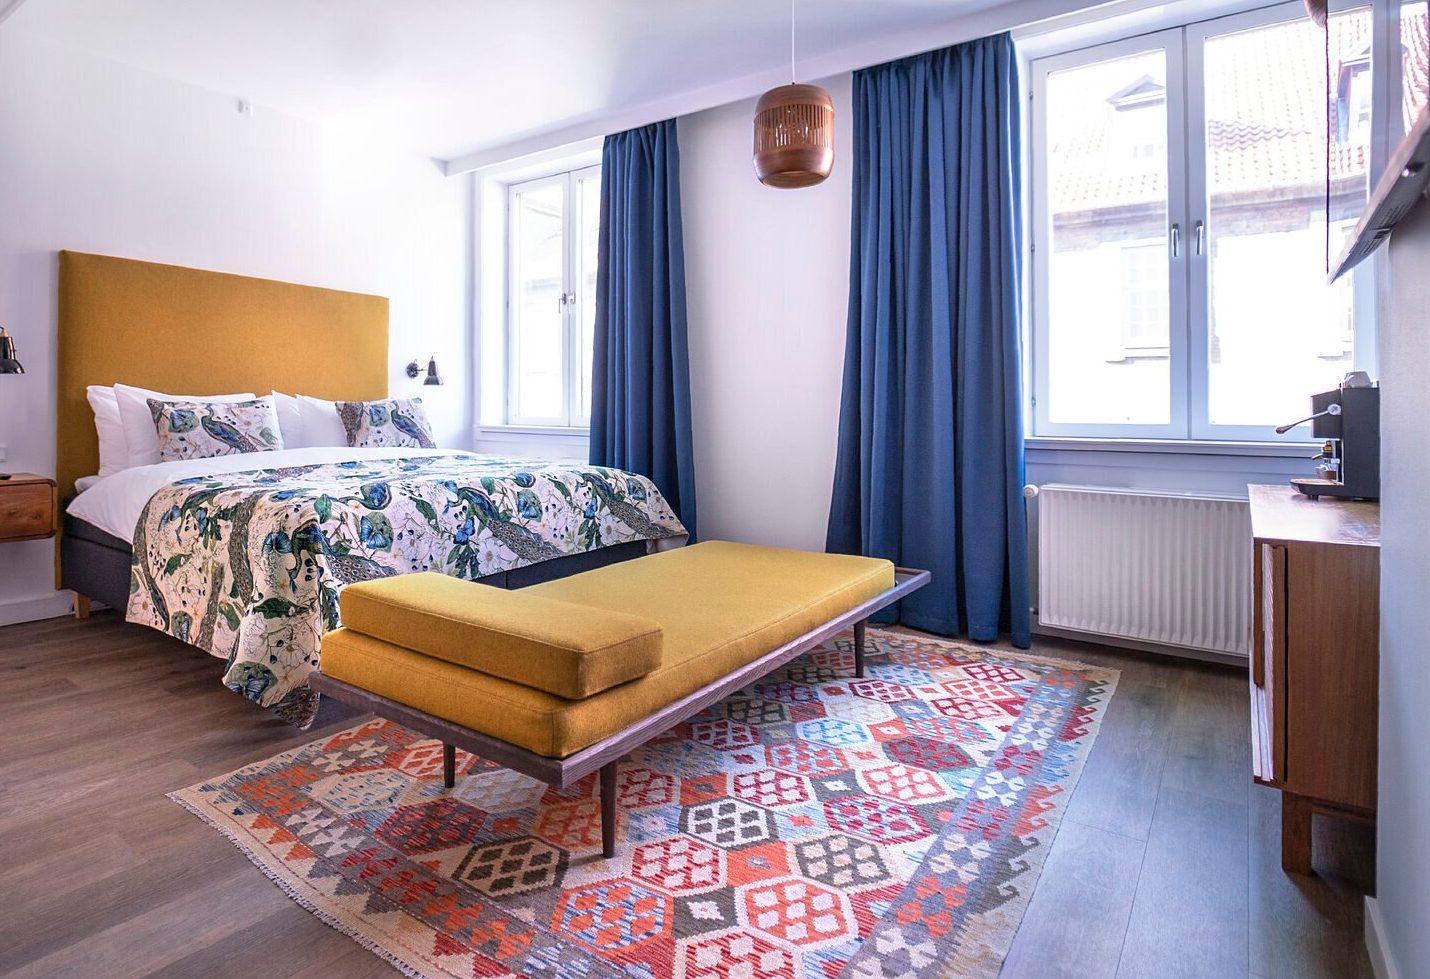 Ejendomsselskabet Pandox har fra næste måned ny operatør af hotel h27, tidligere Hotel Twentyseven, tæt på Rådhuspladsen i København. Det bliver en tysk hotelkæde med foreløbig 77 hoteller i flere europæiske lande. Arkivpressefoto fra h27: Pandox.